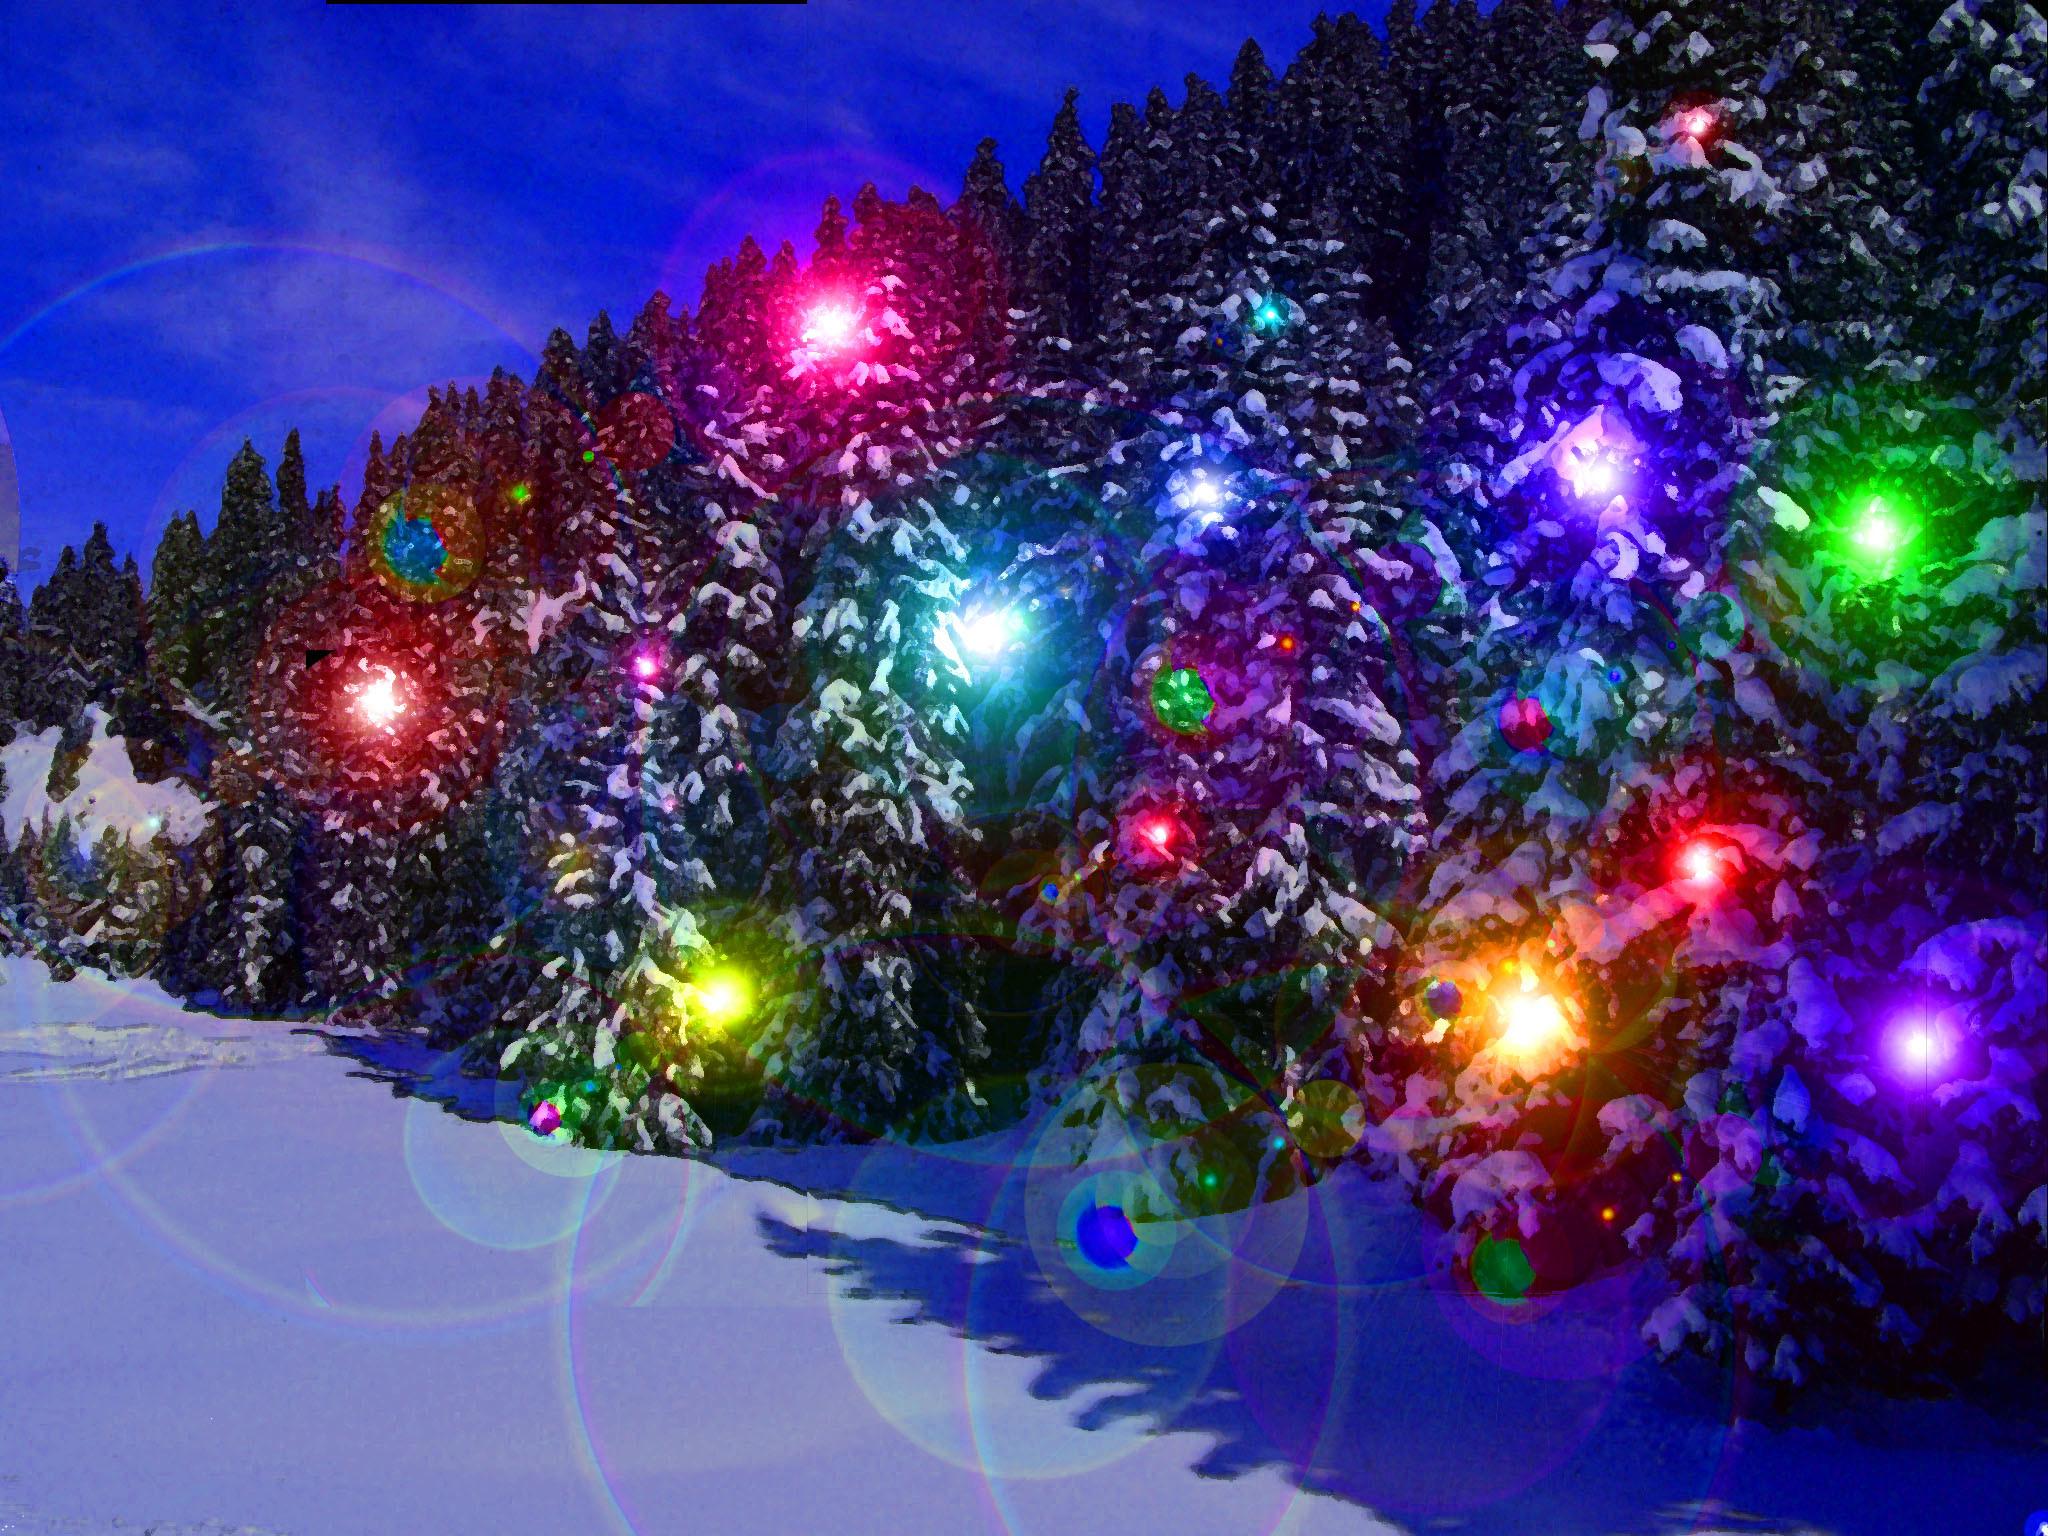 animated-christmas-lights-wallpaper.jpg